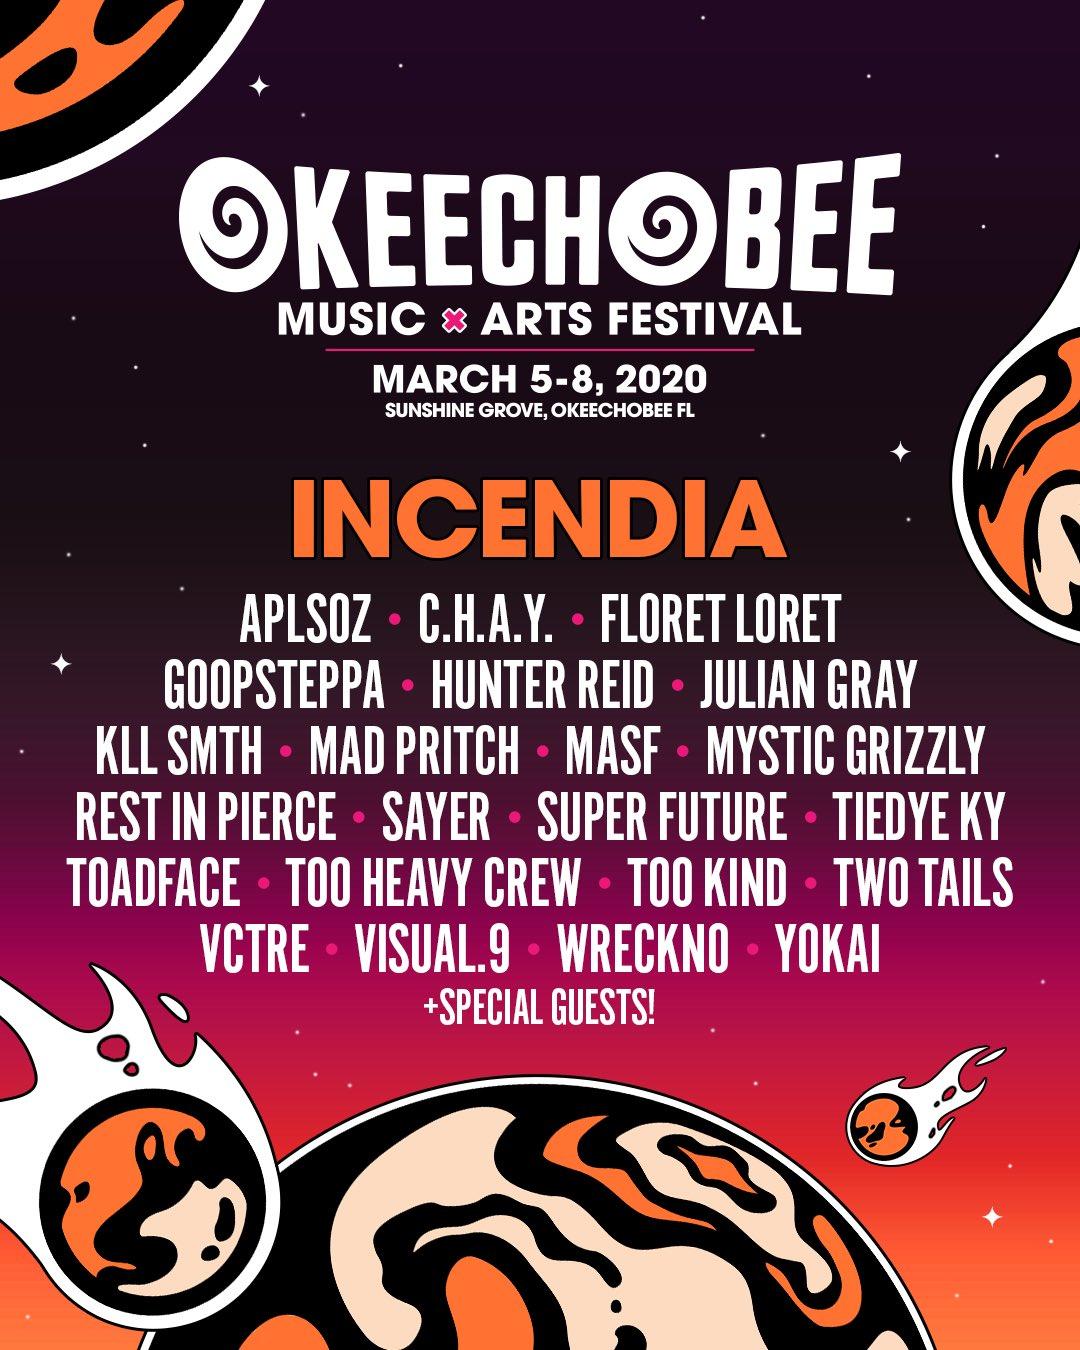 Okeechobee 2020 Incendia Stage Lineup